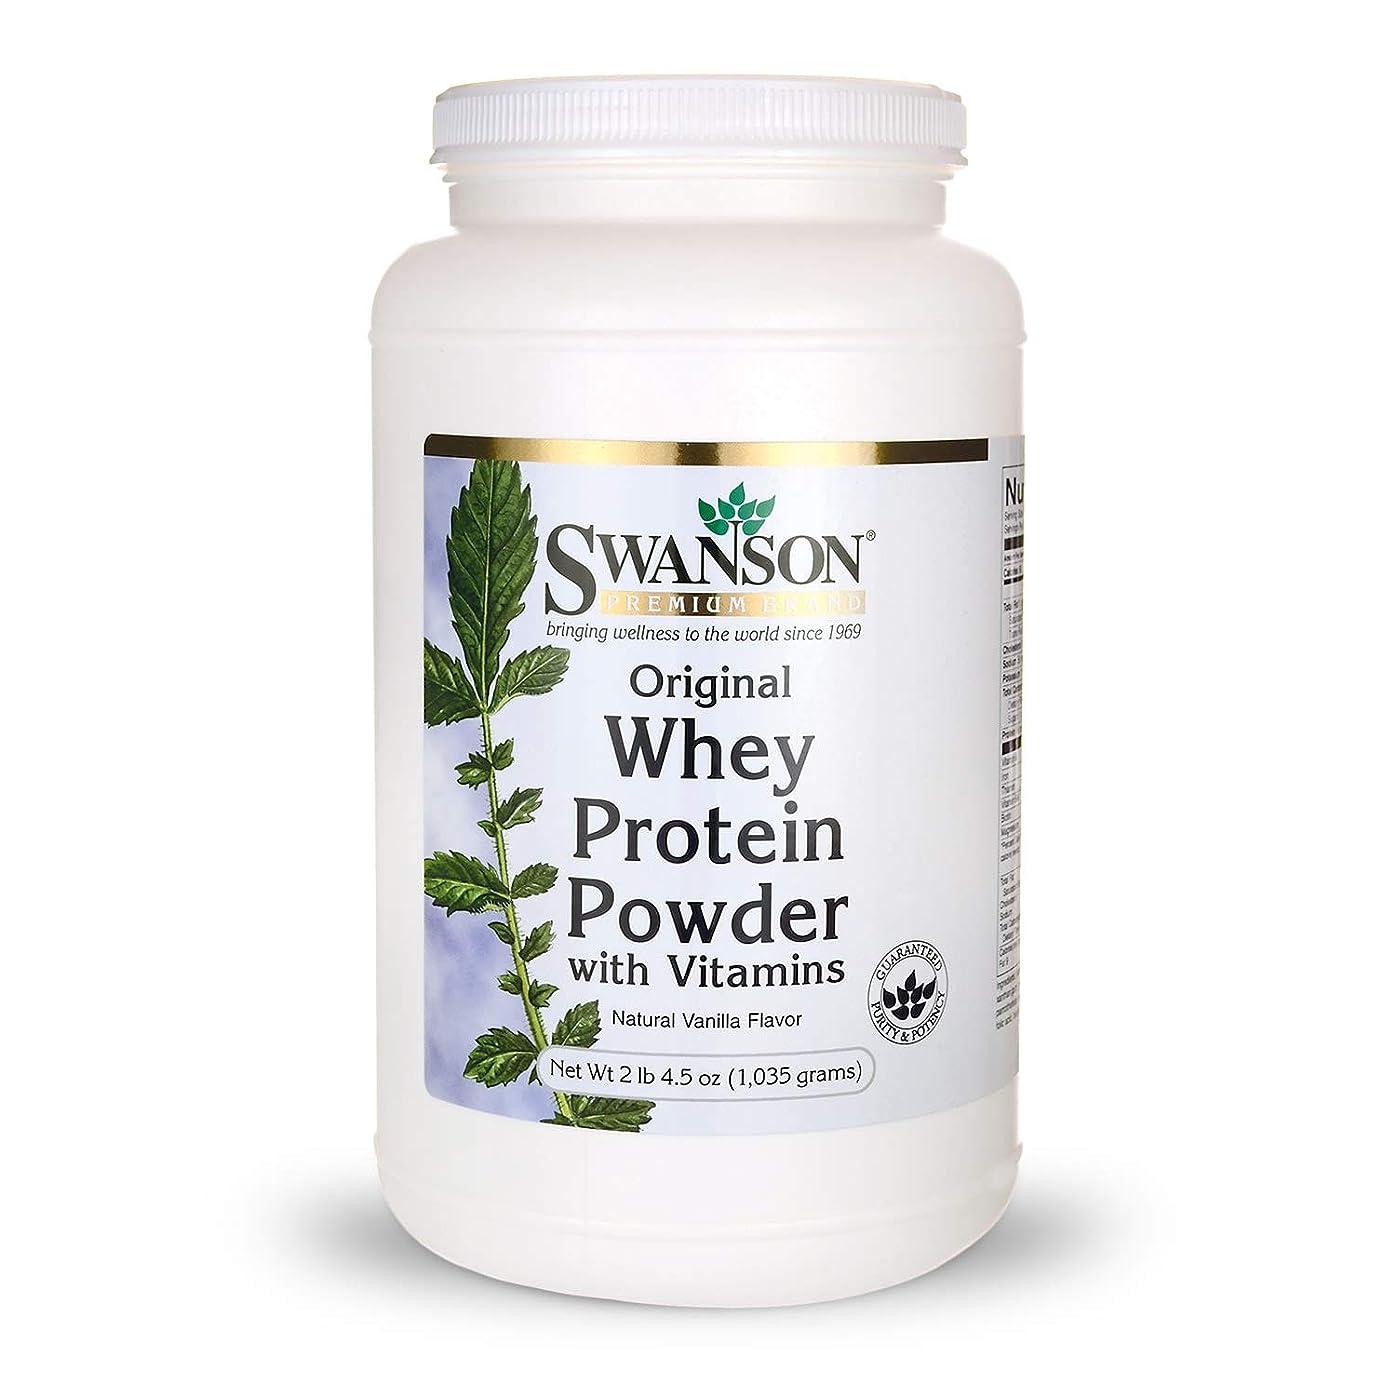 エスニック意気消沈した承認Whey Protein Powder 36.5 oz vanilla flavor (1,035 grams) by Swanson Premium